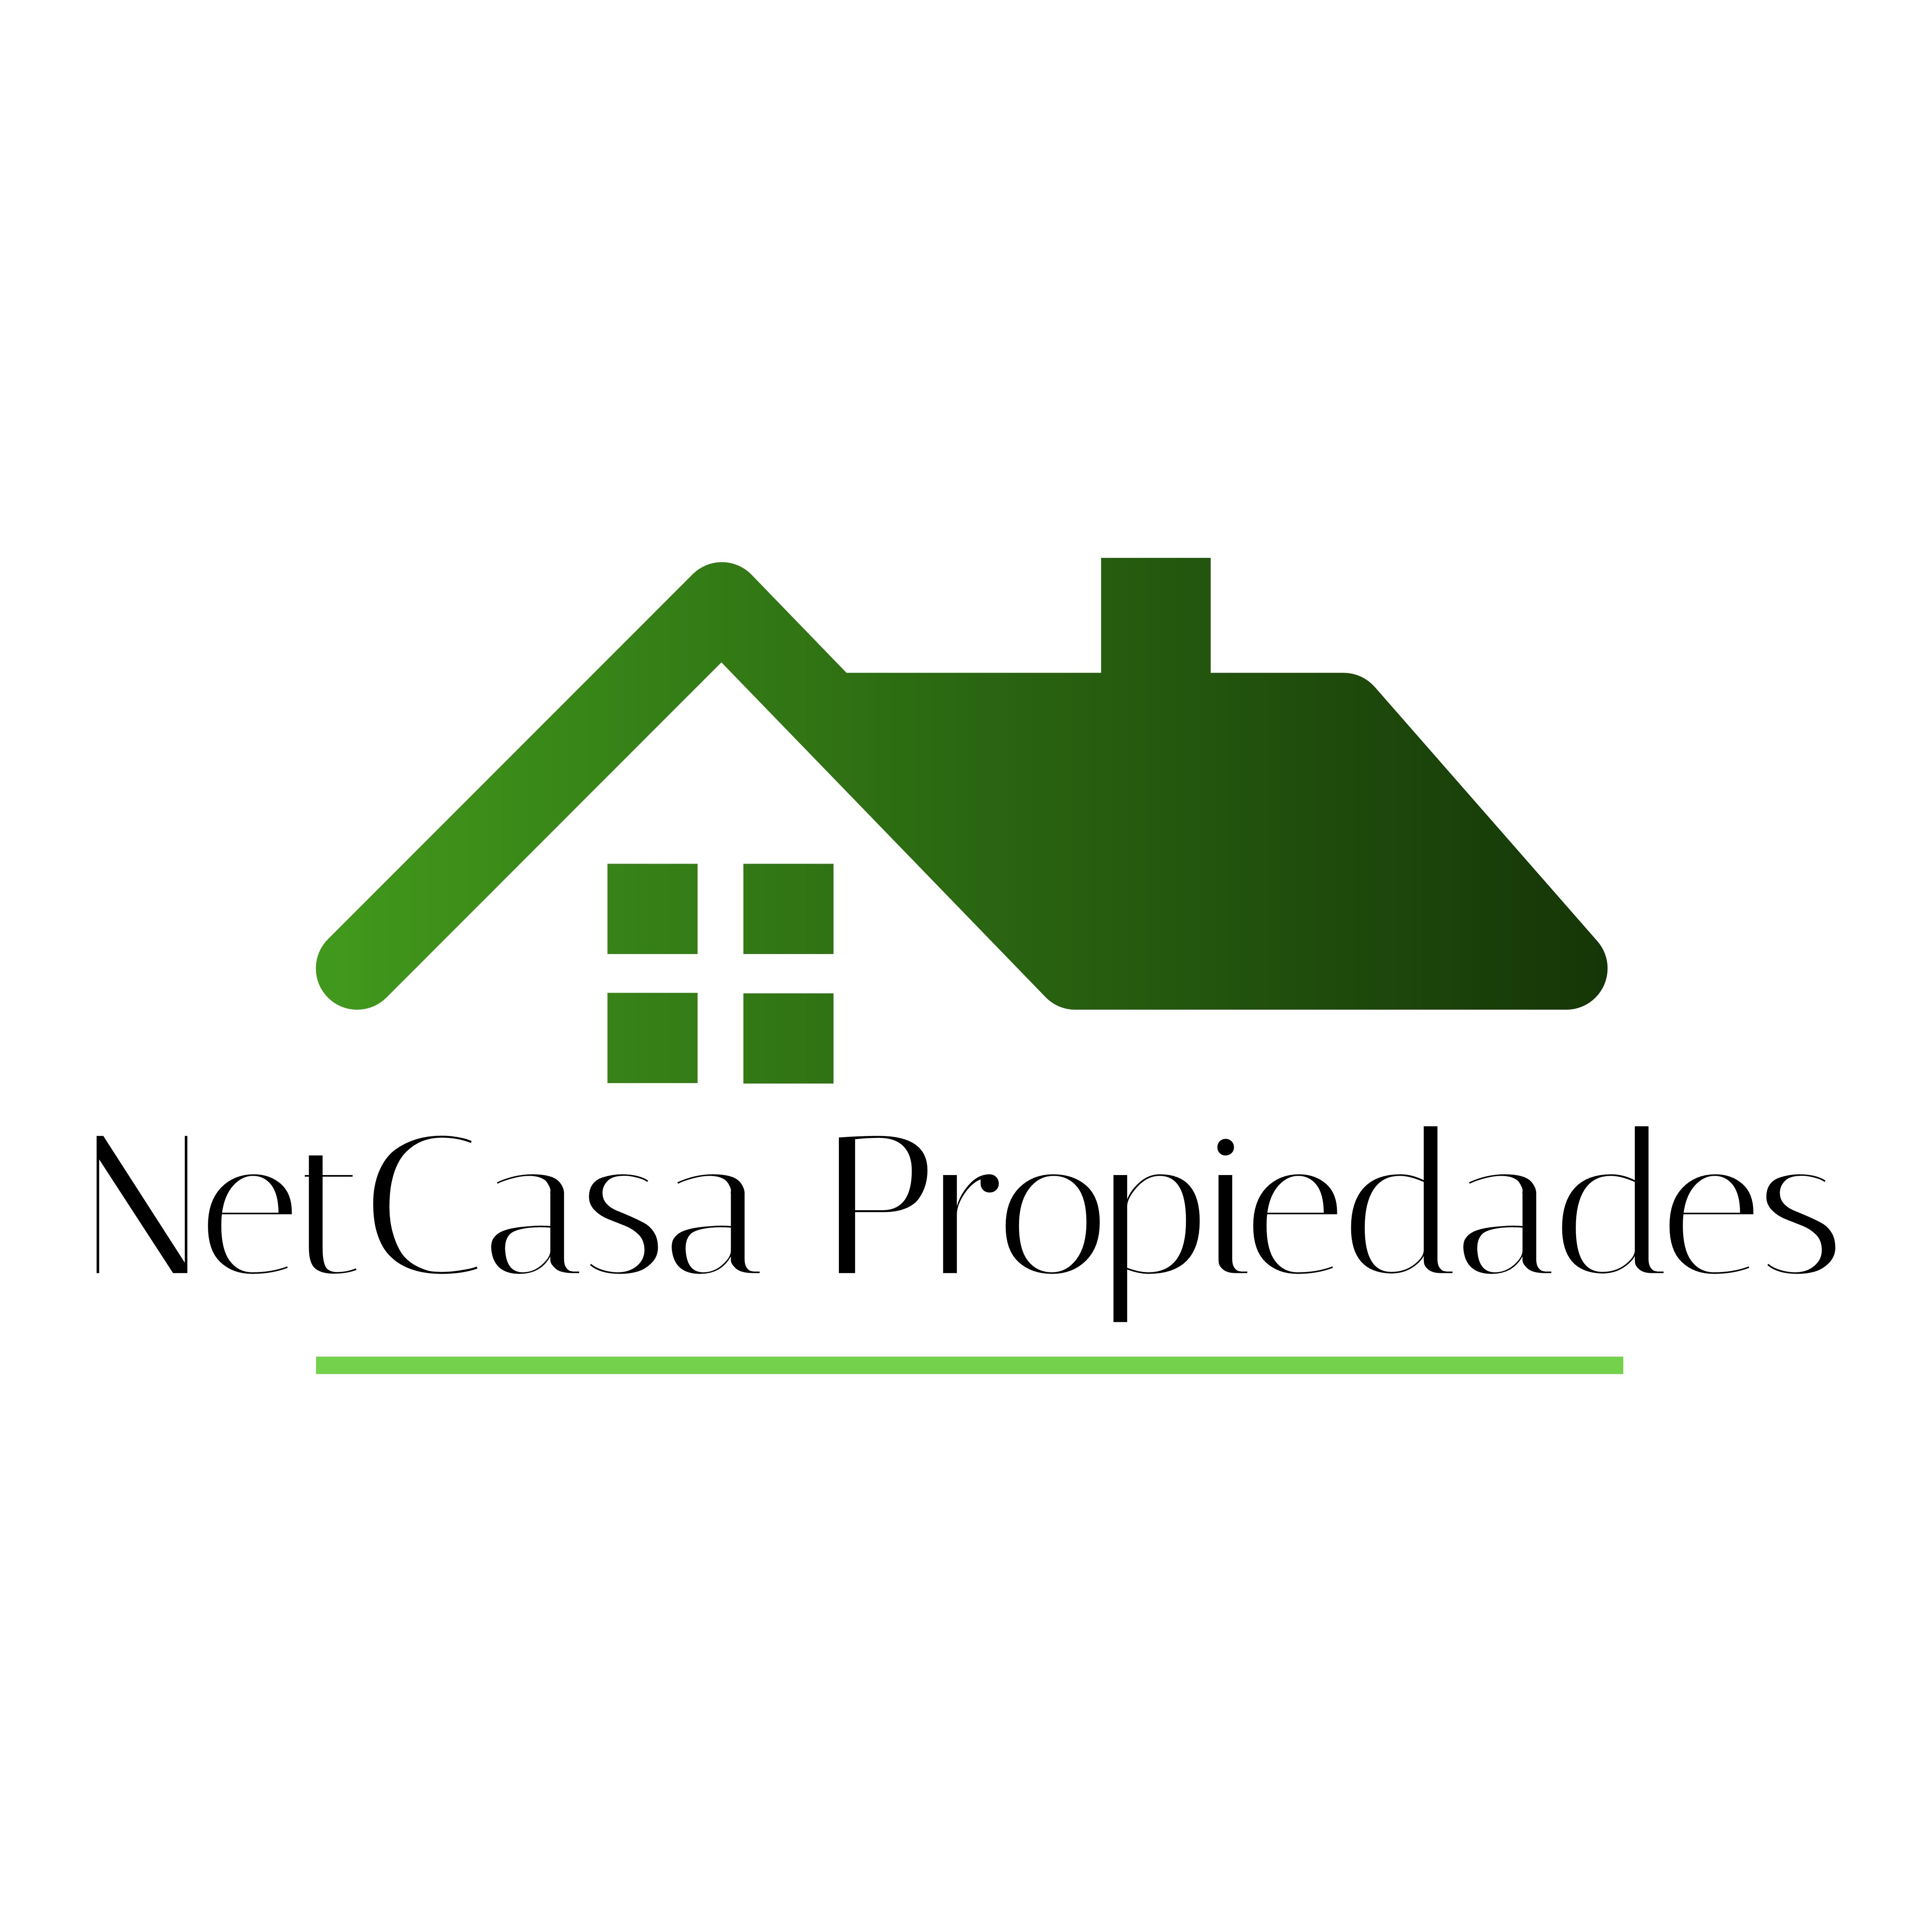 NETCASA PROPIEDADES